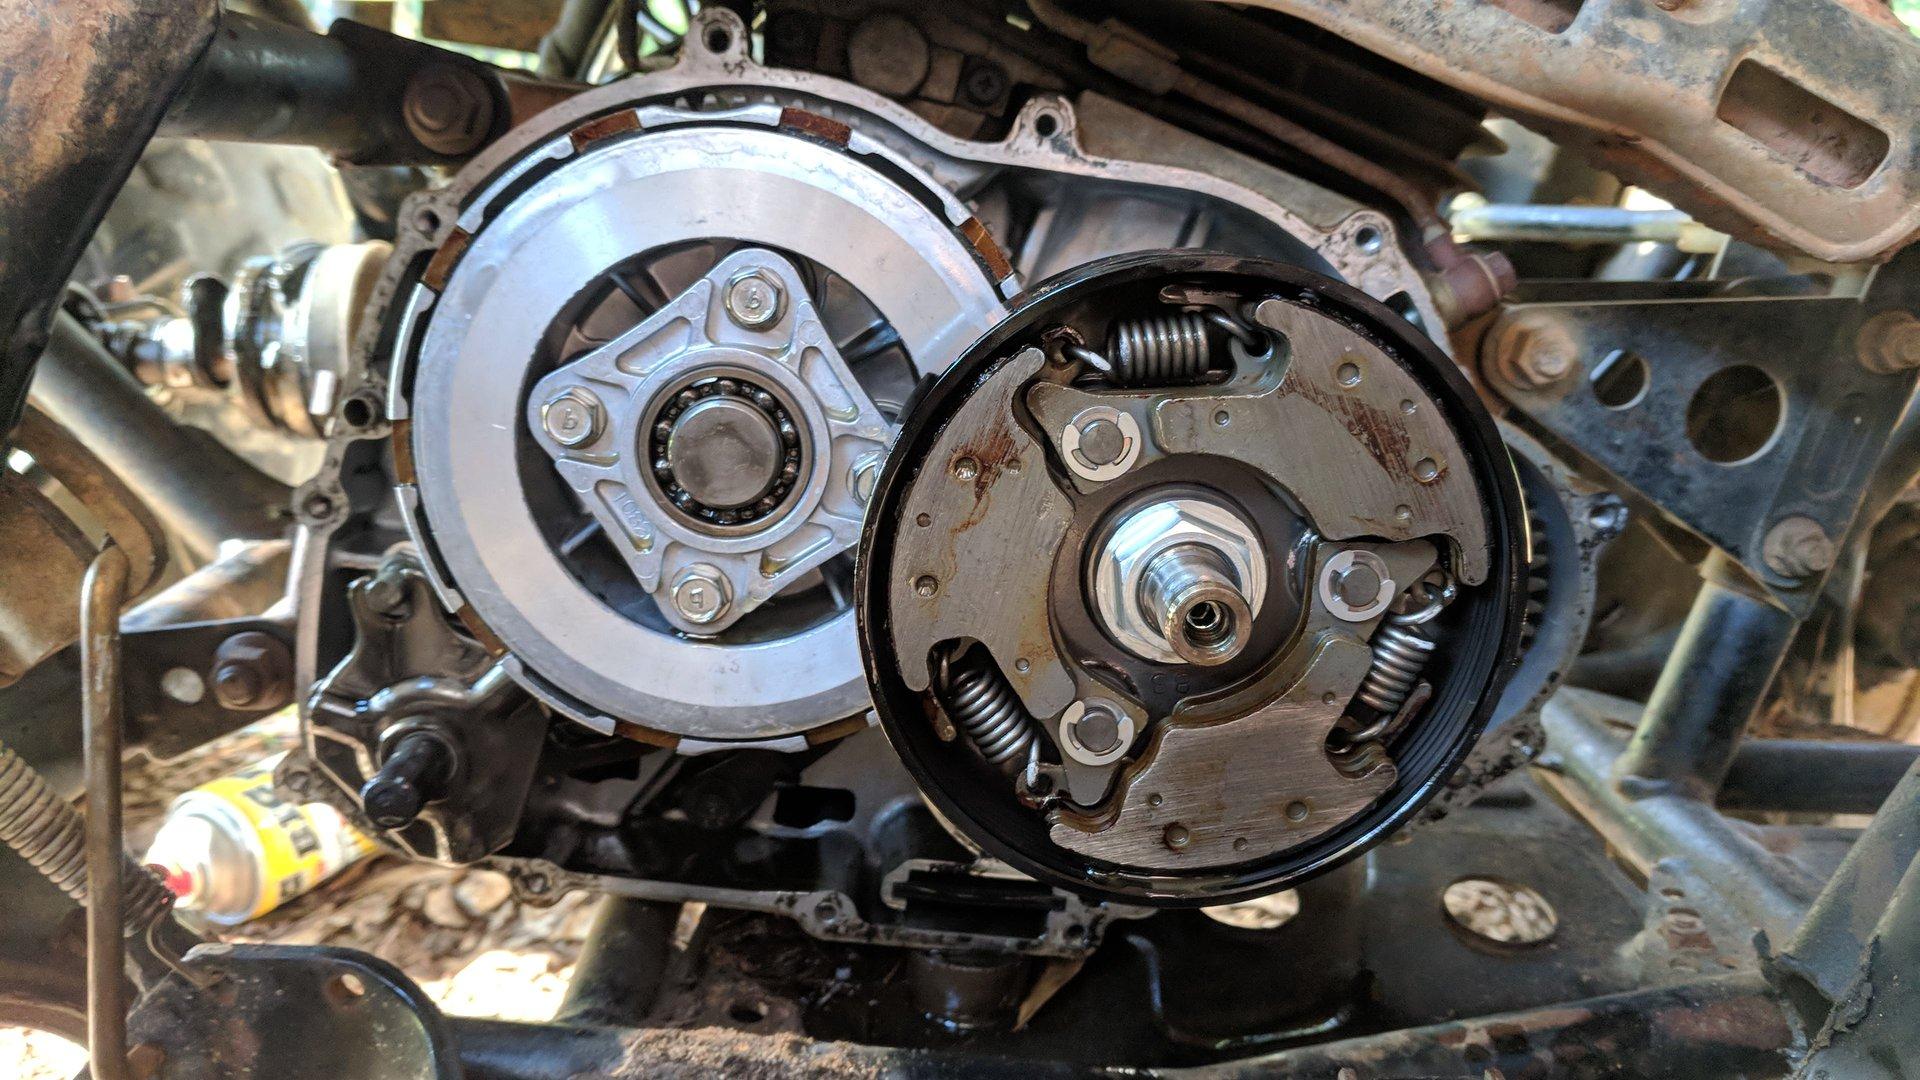 Kawasaki Bayou 220 Clutch Removal | Kawasaki ATV Forum